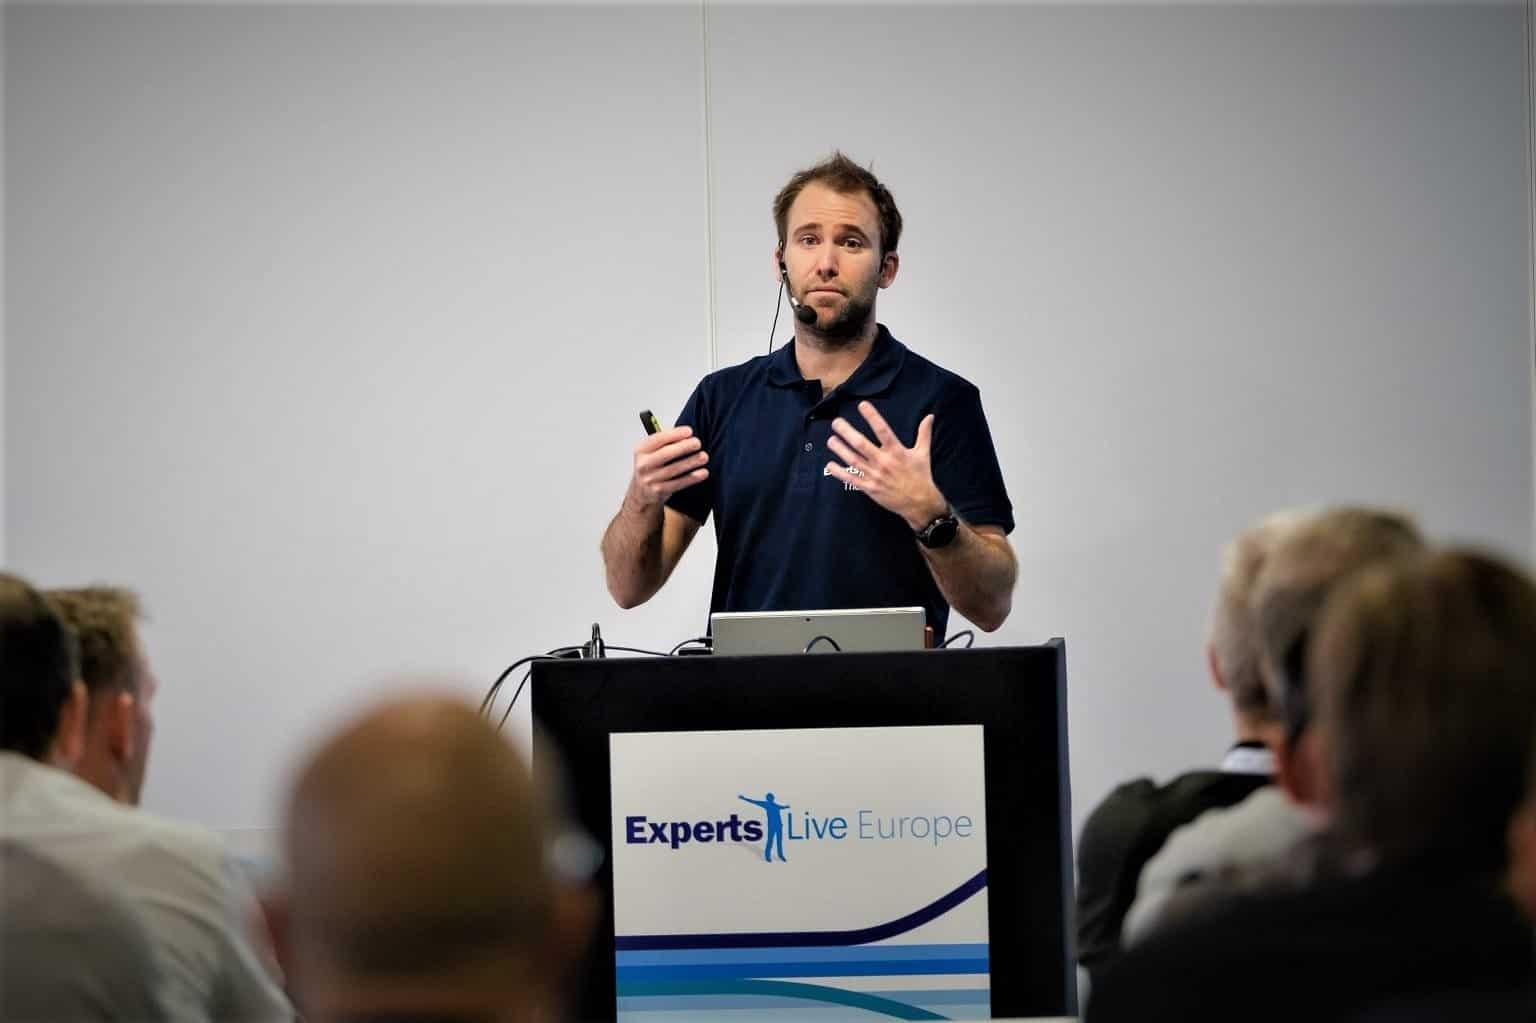 Thomas Maurer Speaking at Experts Live Europe 2019